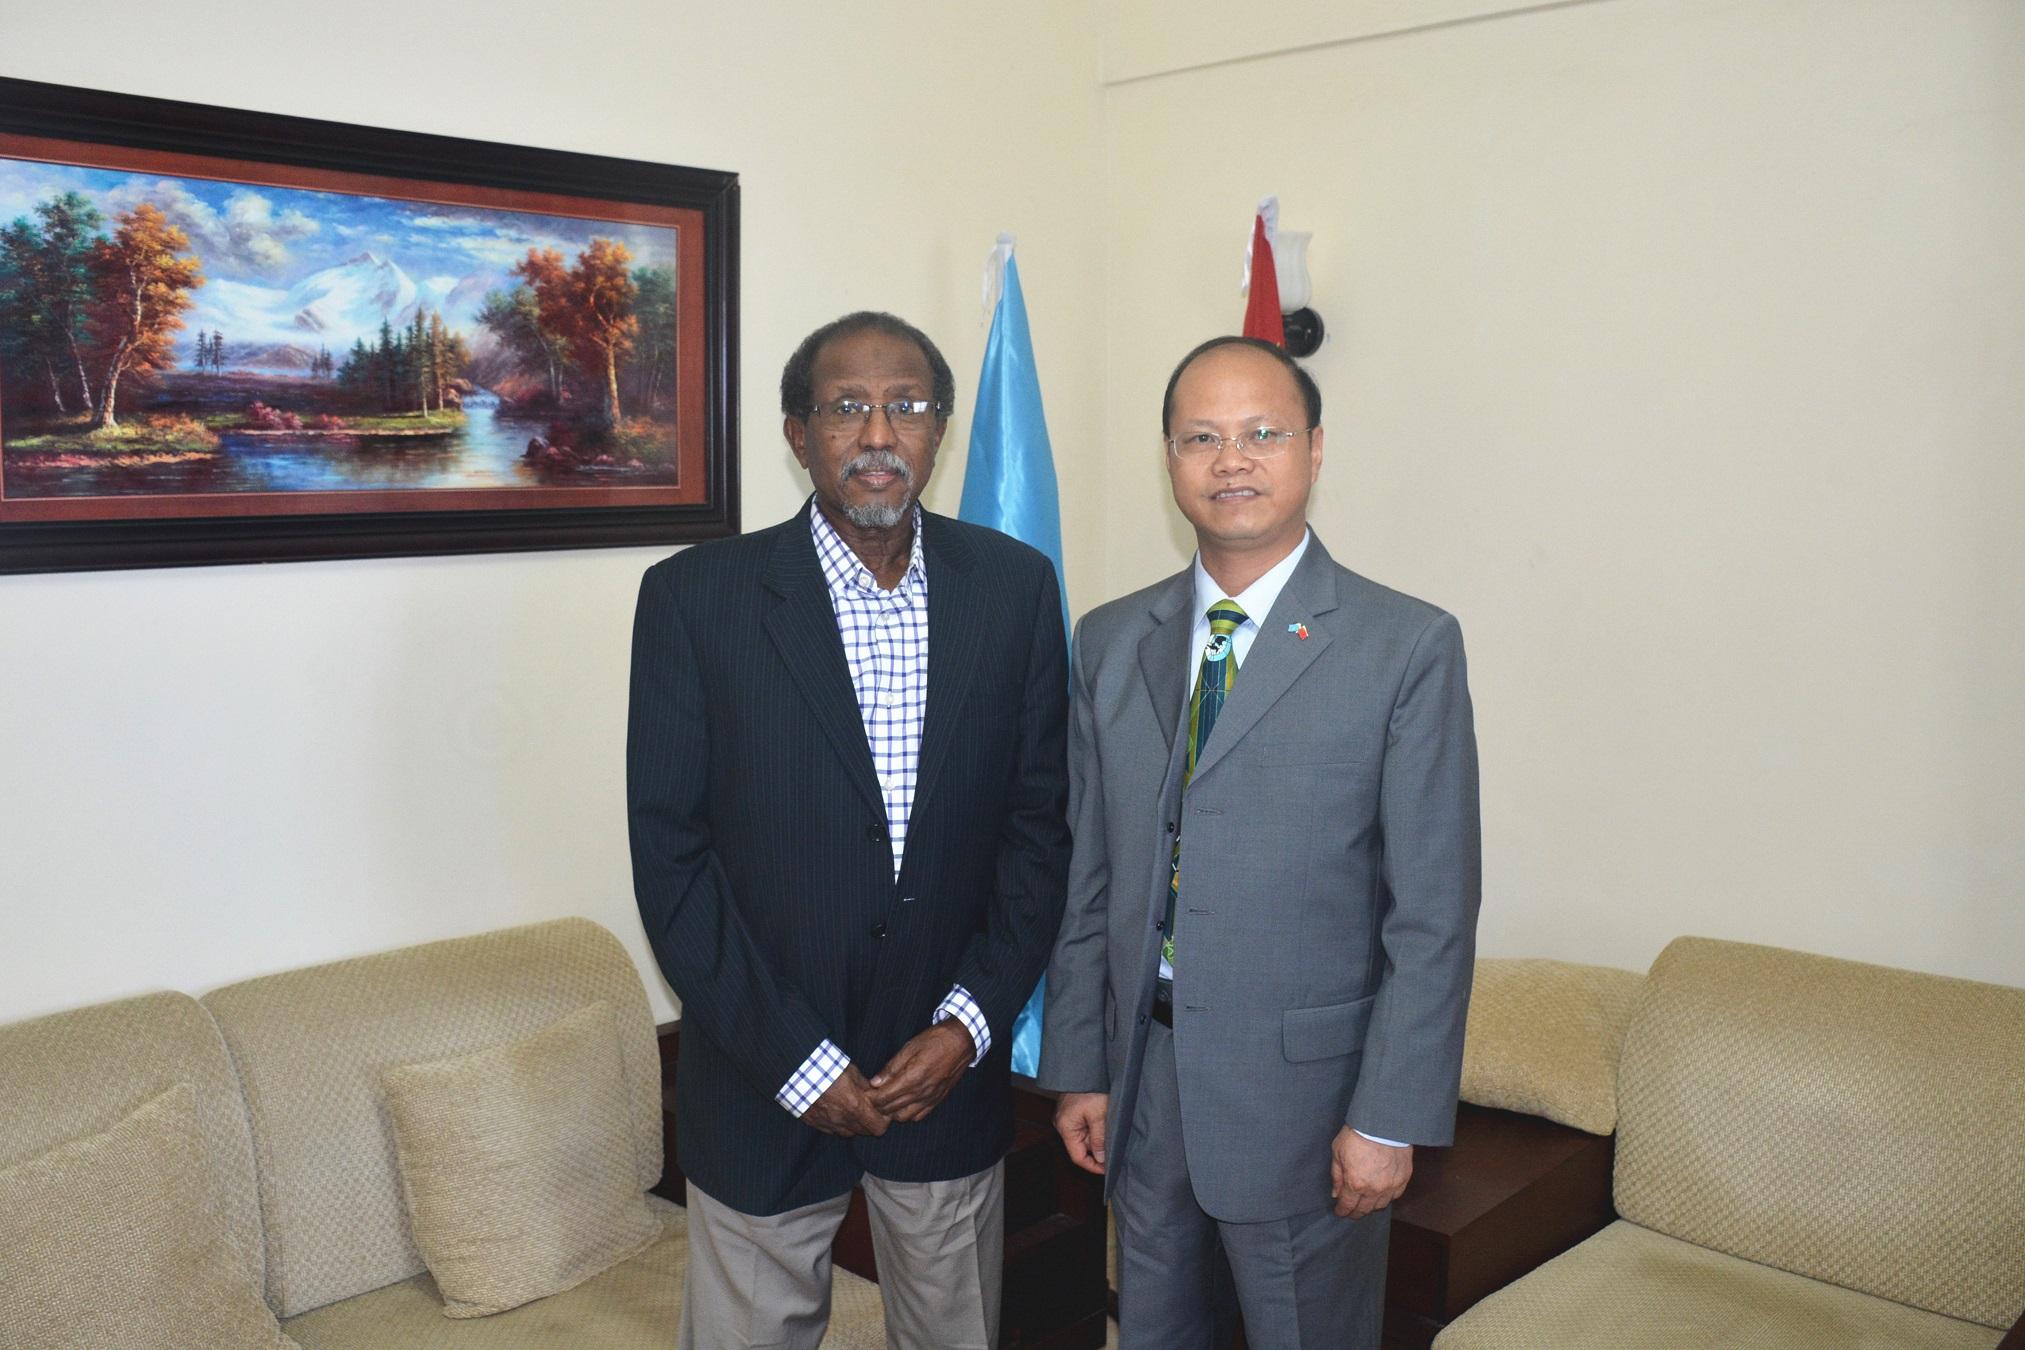 卡图莫地方自治政府成立于2012年,位于北部索马里兰与邦特兰之间,支持联邦制,主张维护索马里团结统一,反对索马里兰独立和国家分裂。